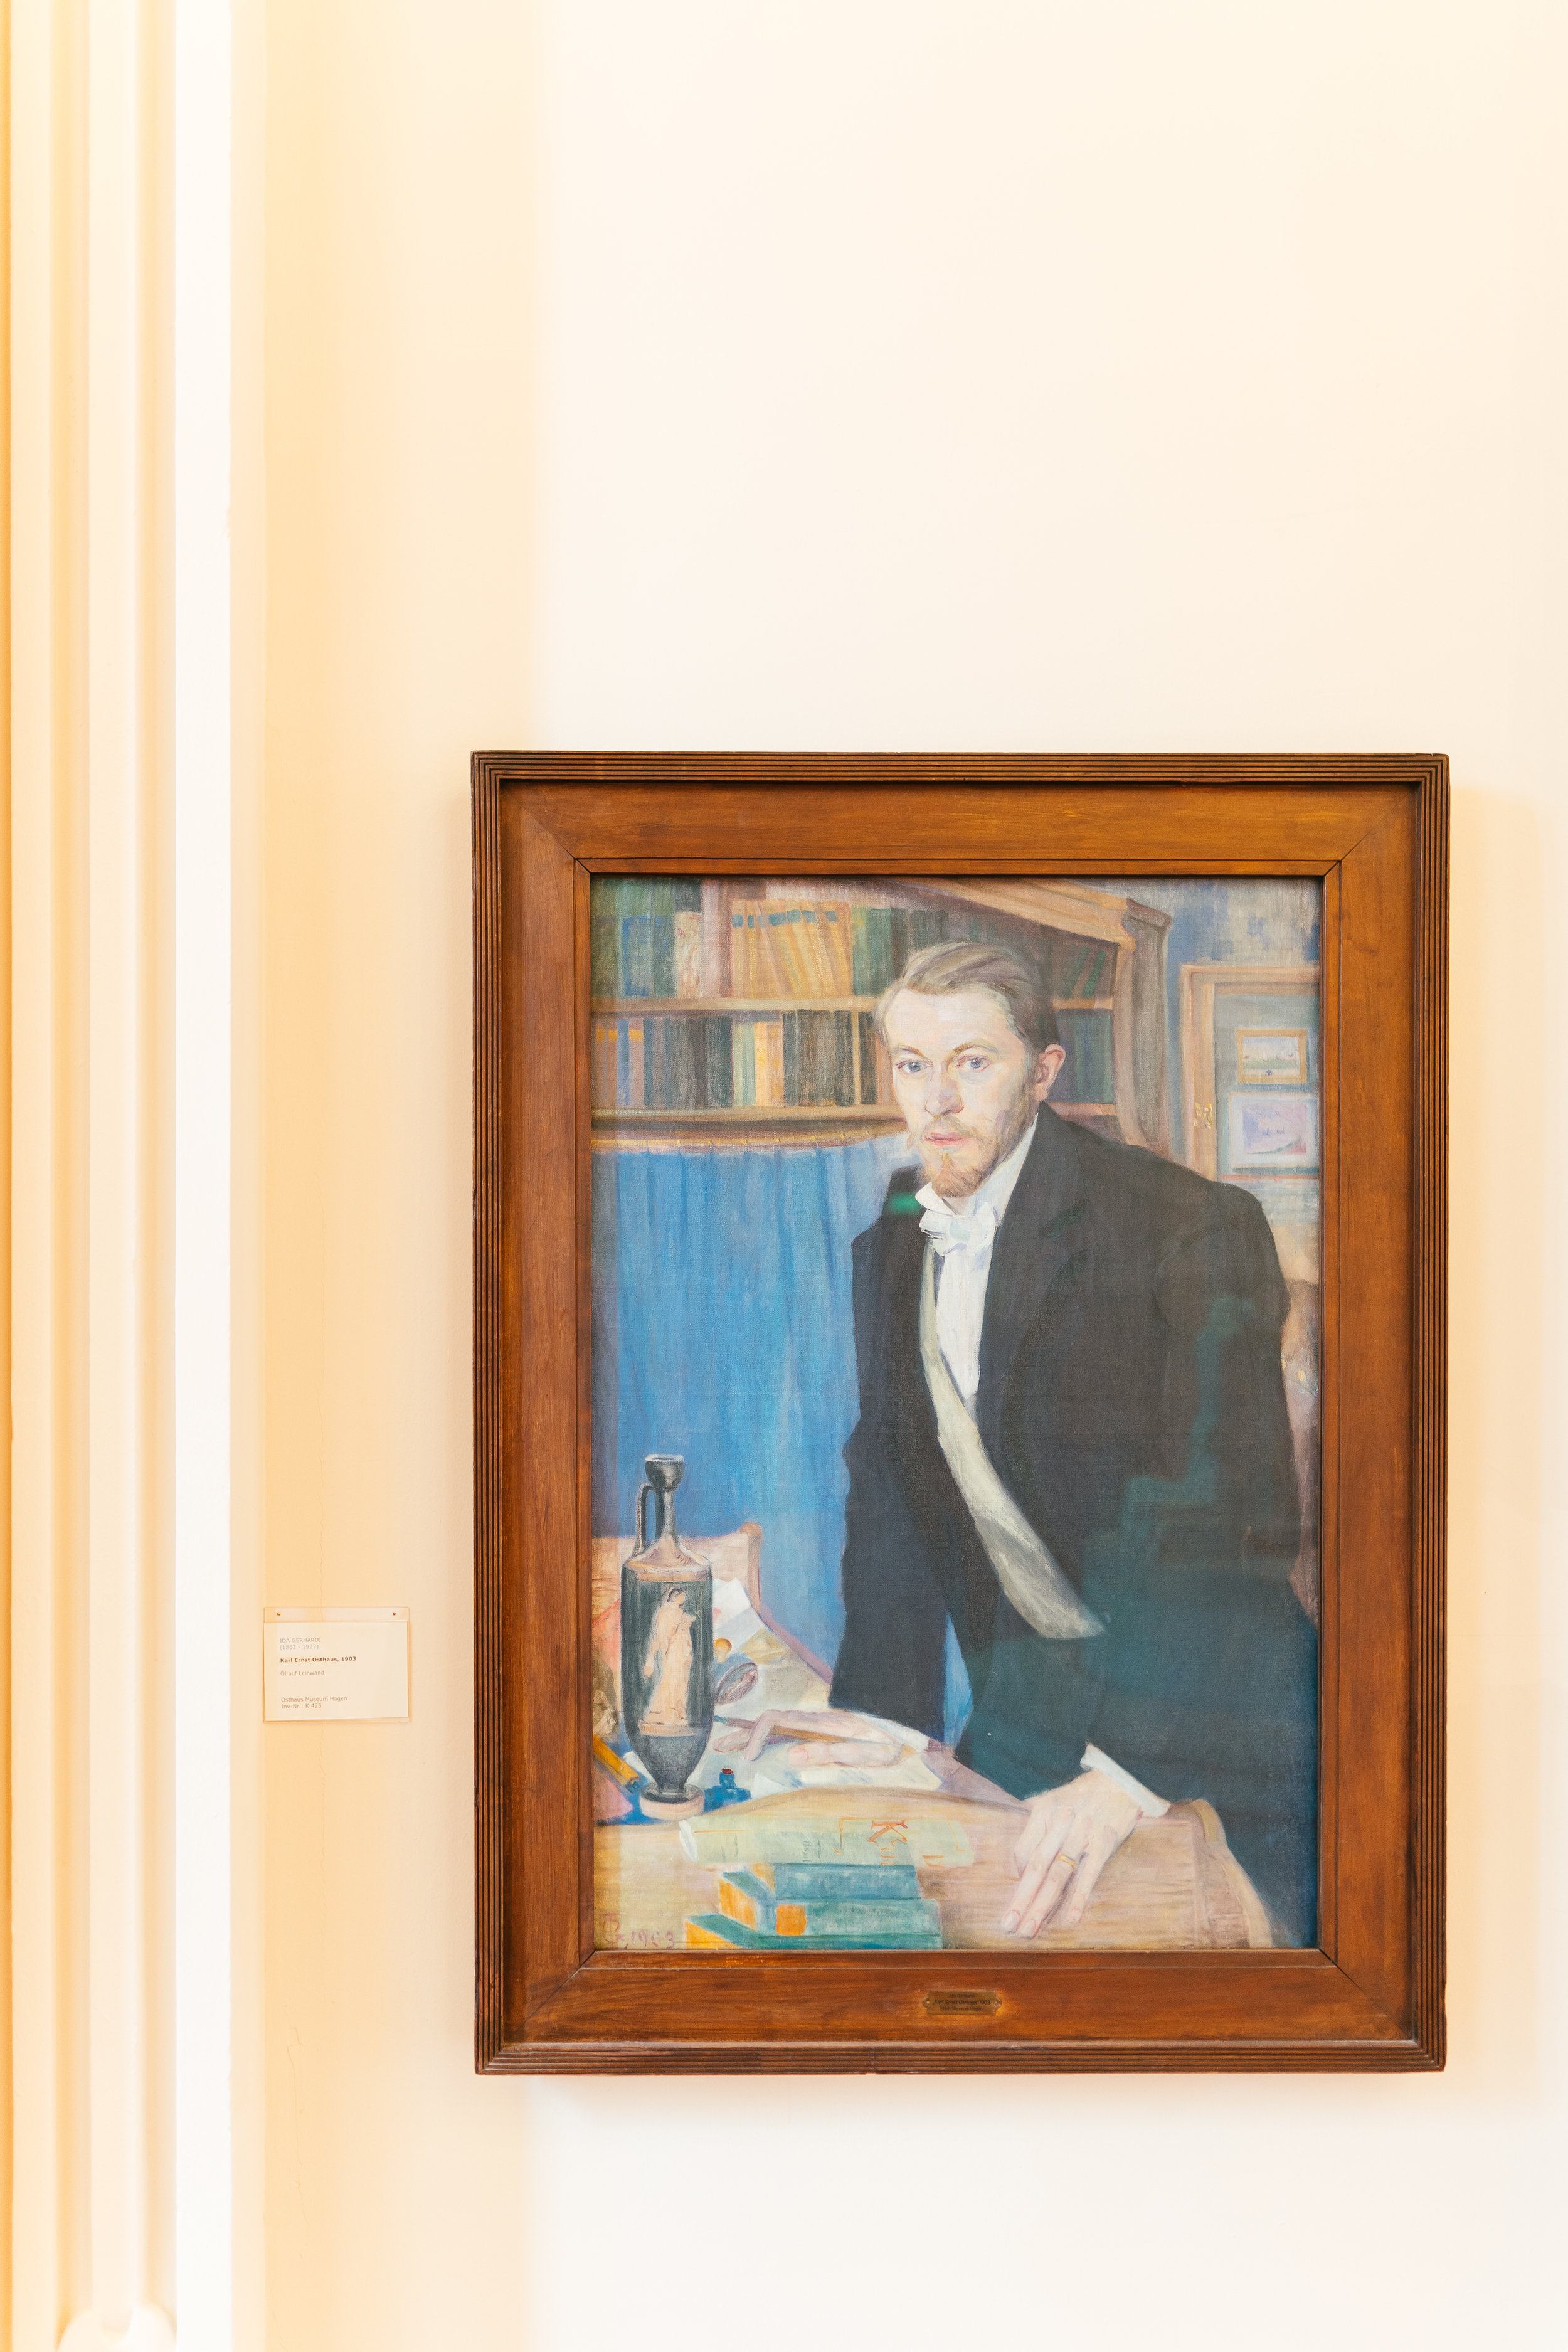 Karl Ernst Osthaus - ist Stifter und Namensgeber des wohl berühmtesten Museums der Stadt.1874 geboren in Hagen, entstammt er einer Bankiers– und Industriellenfamilie, will aber den von seinen Eltern vorgegebenen beruflichen Pfad nicht einschlagen.Eine Ausbildung in einem der elterlichen Betriebe zum Kaufmann endet dann auch im Nervenzusammenbruch – erst danach wird es ihm väterlicherseits gestattet, sich im Rahmen eines Studiums den ,,schöngeistigeren Dingen